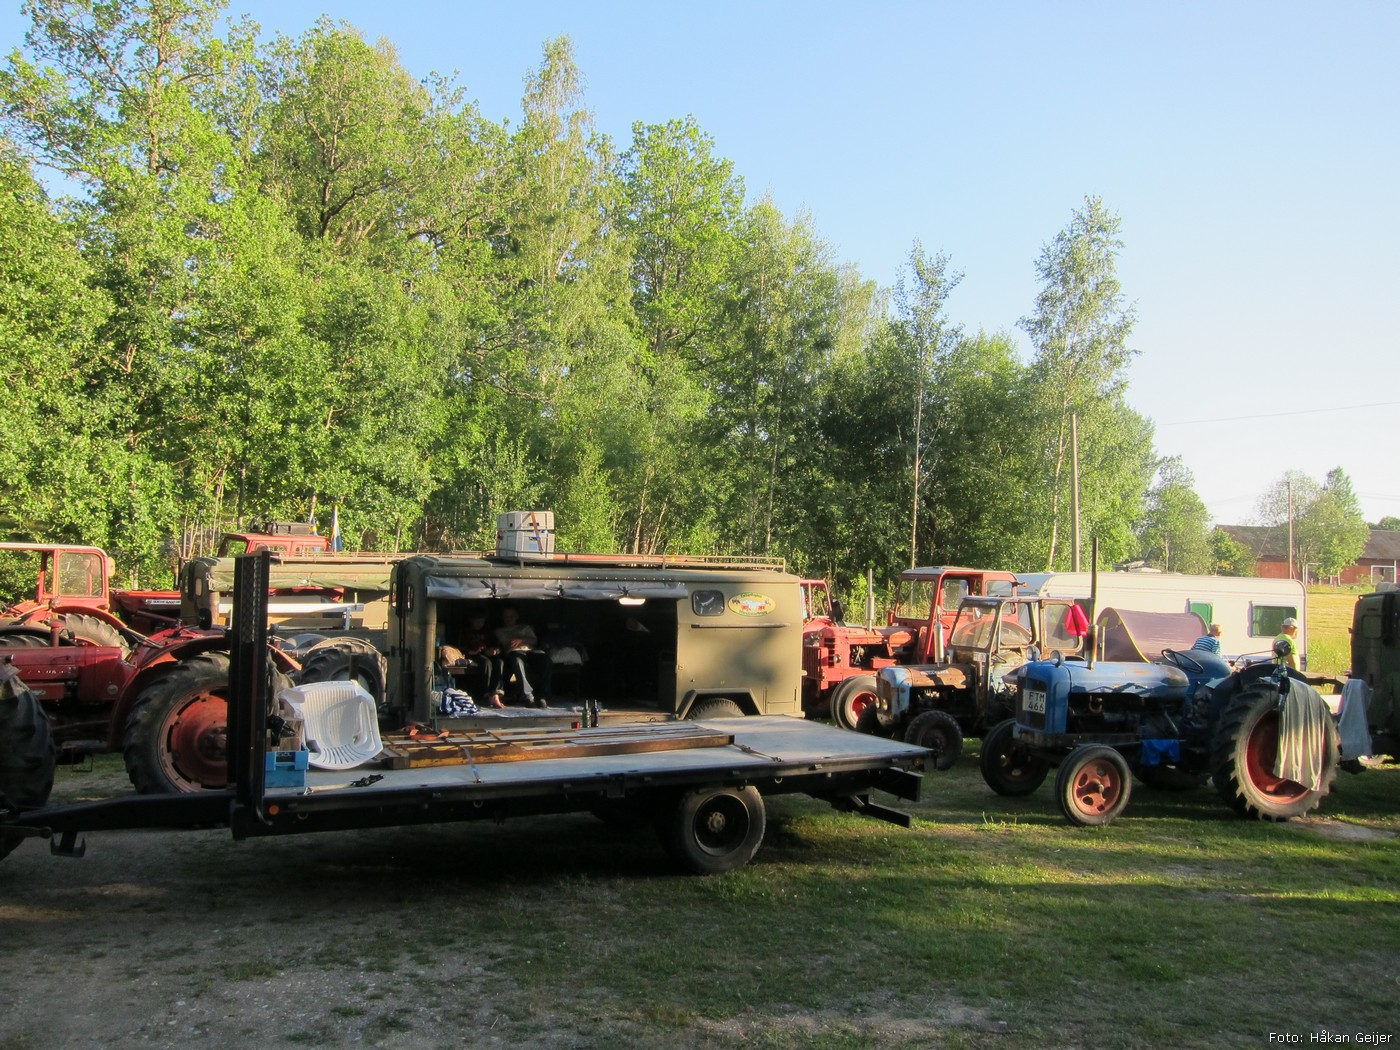 2012-07-27_70_Traktorresa